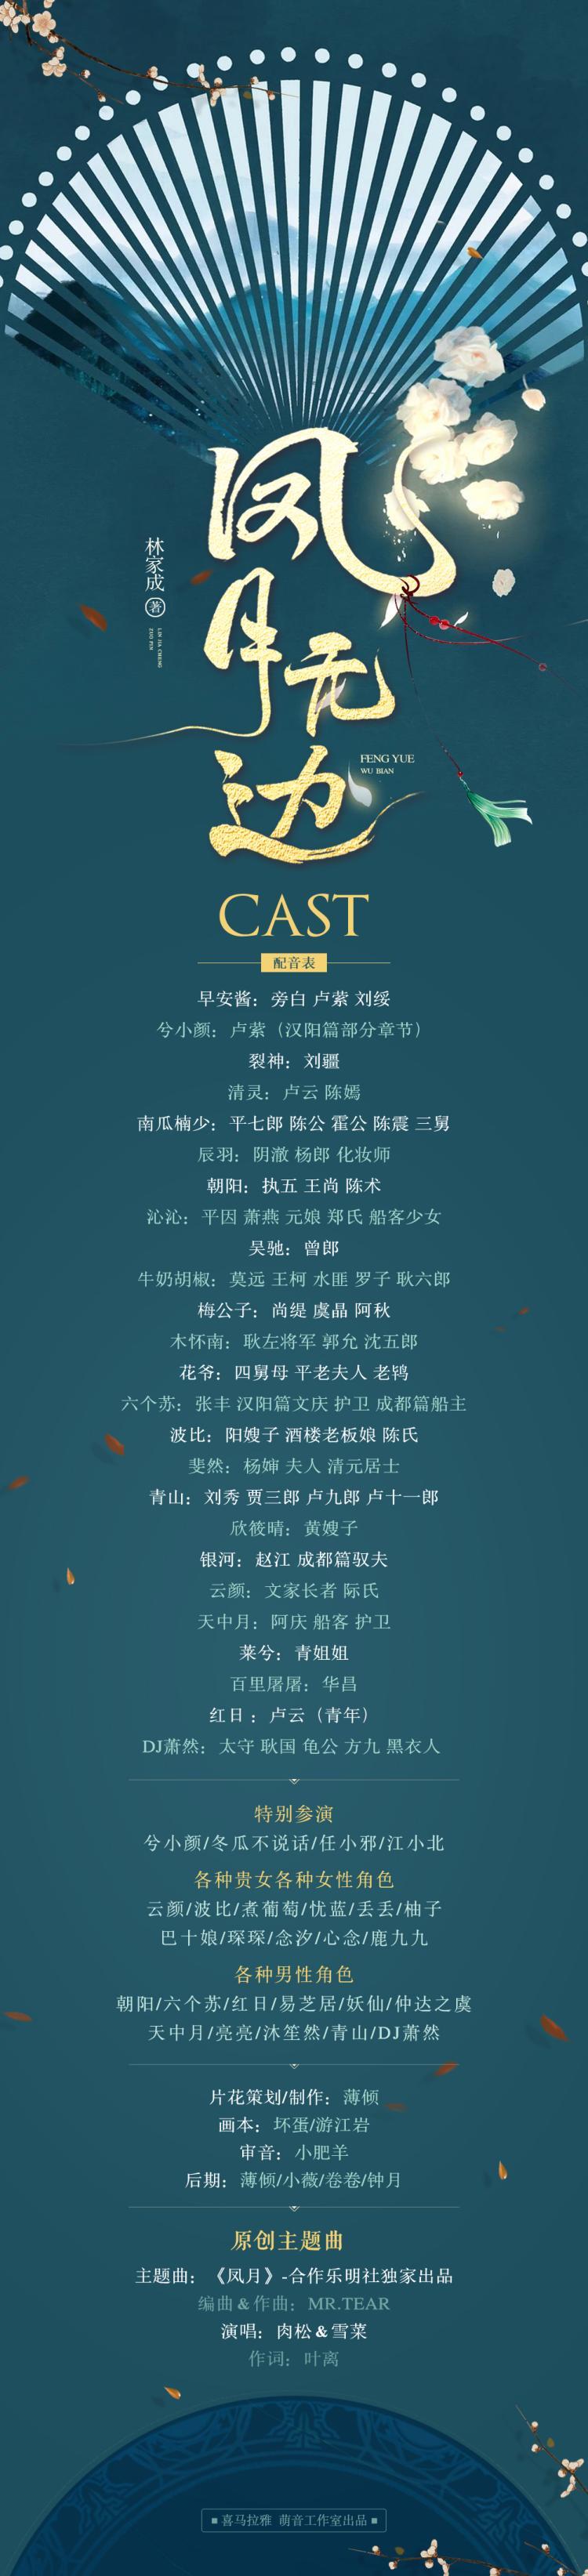 凤月无边|早安酱裂神清灵领衔多人精品剧